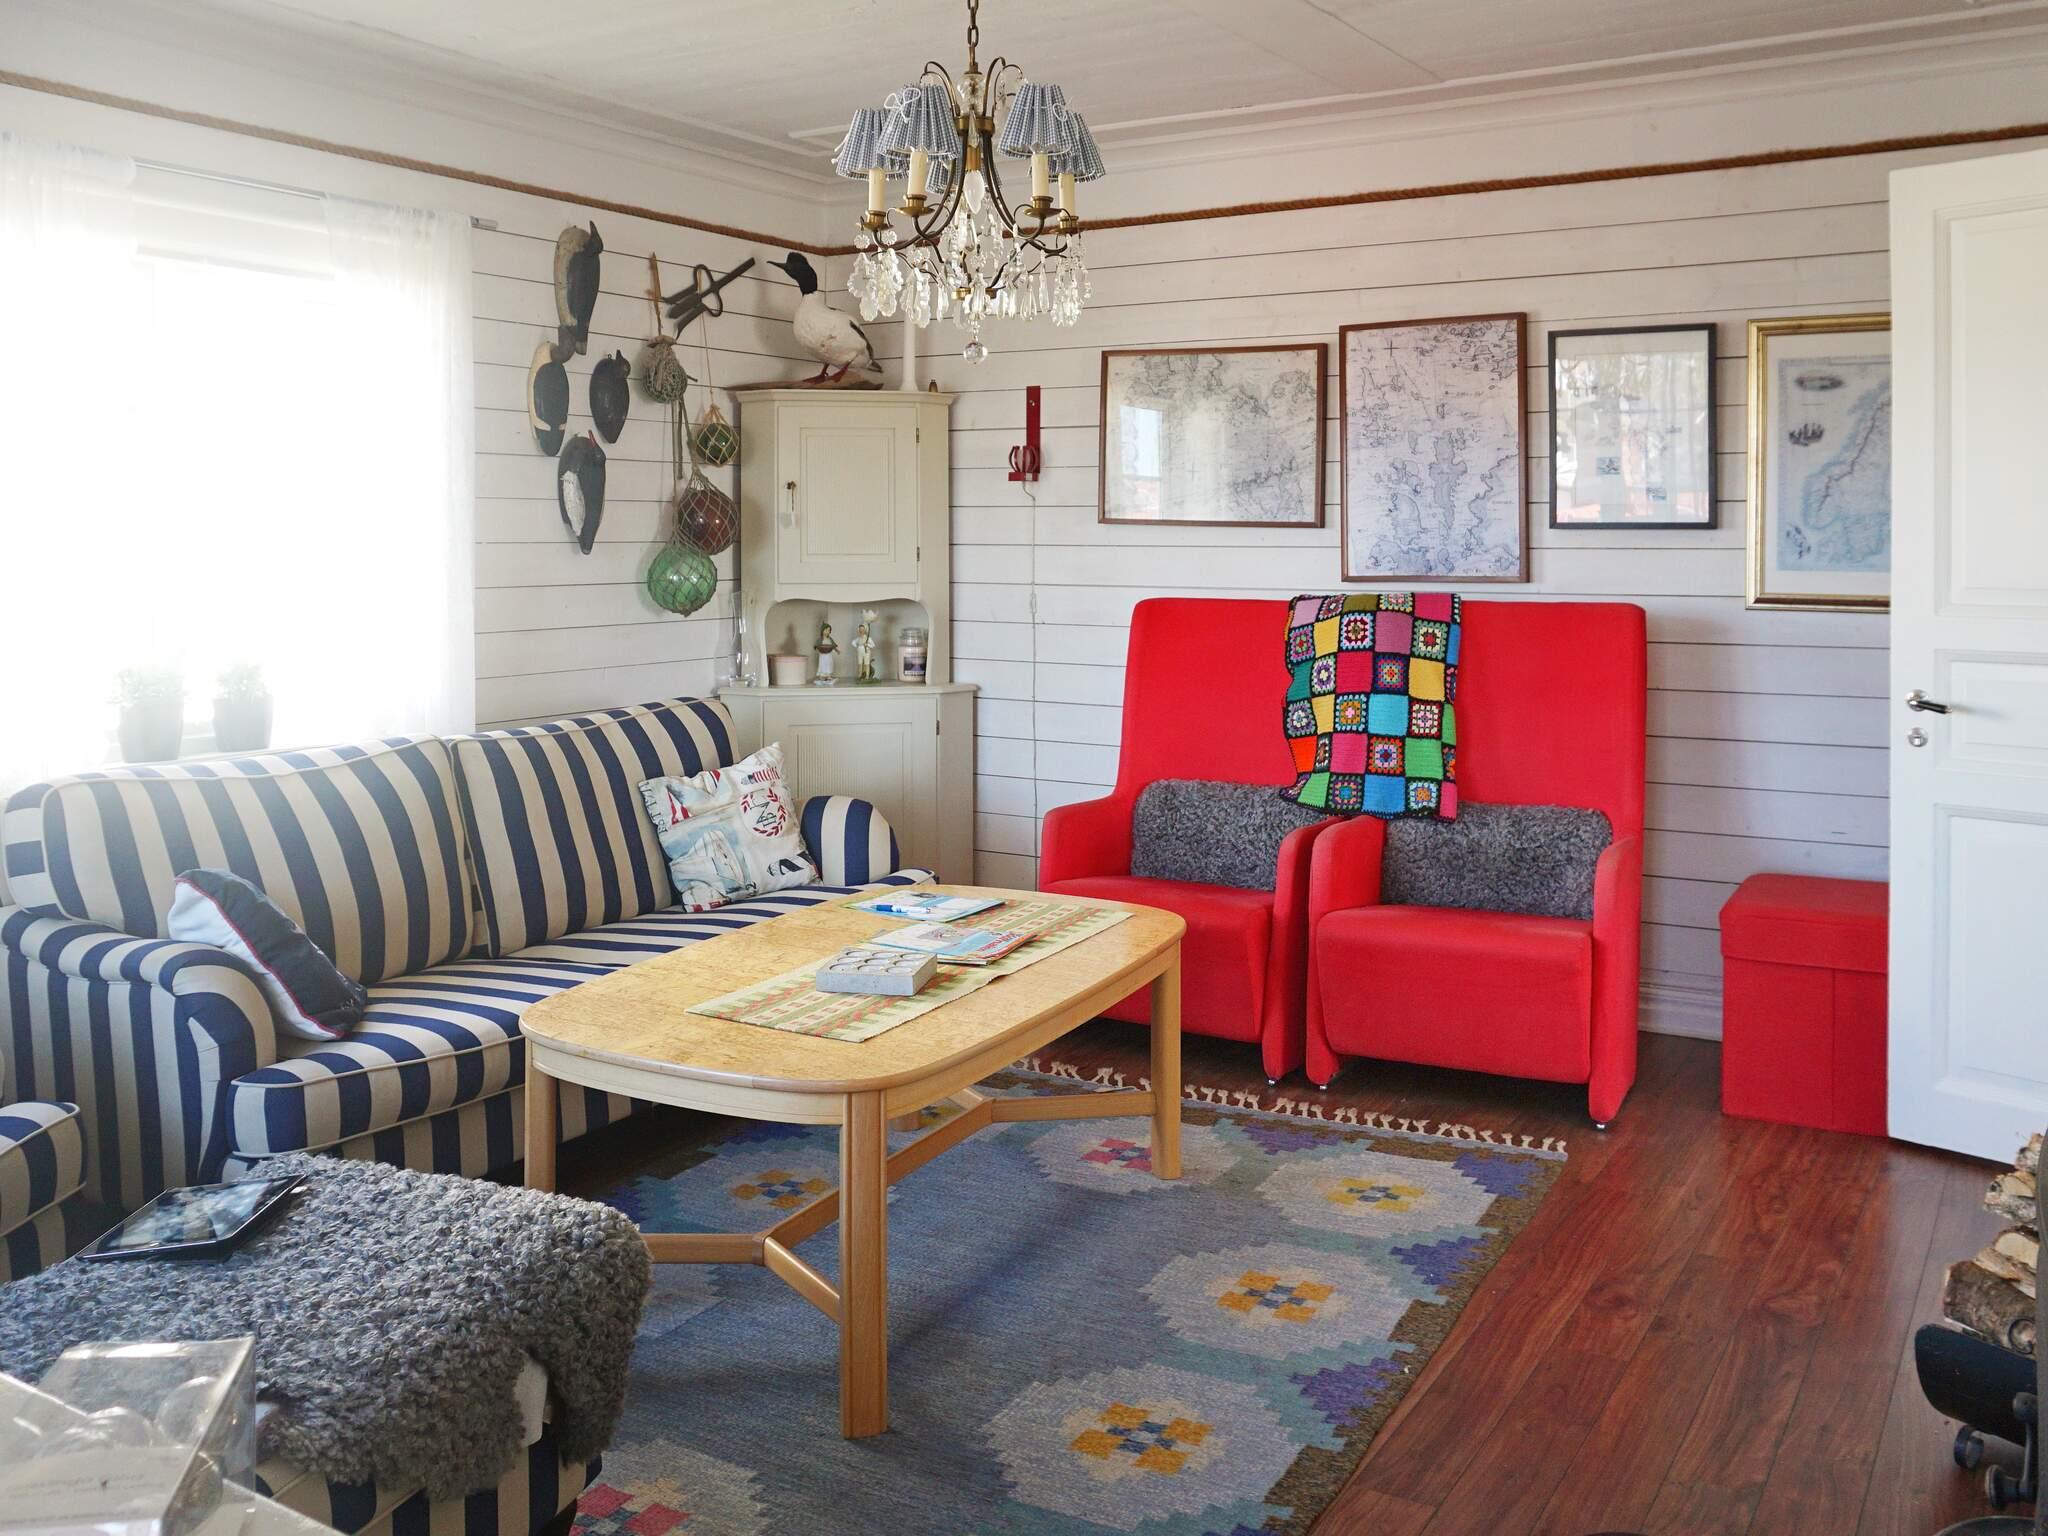 Ferienhaus Göteborgs Skärgård (2626803), Hälsö, Västra Götaland län, Westschweden, Schweden, Bild 7